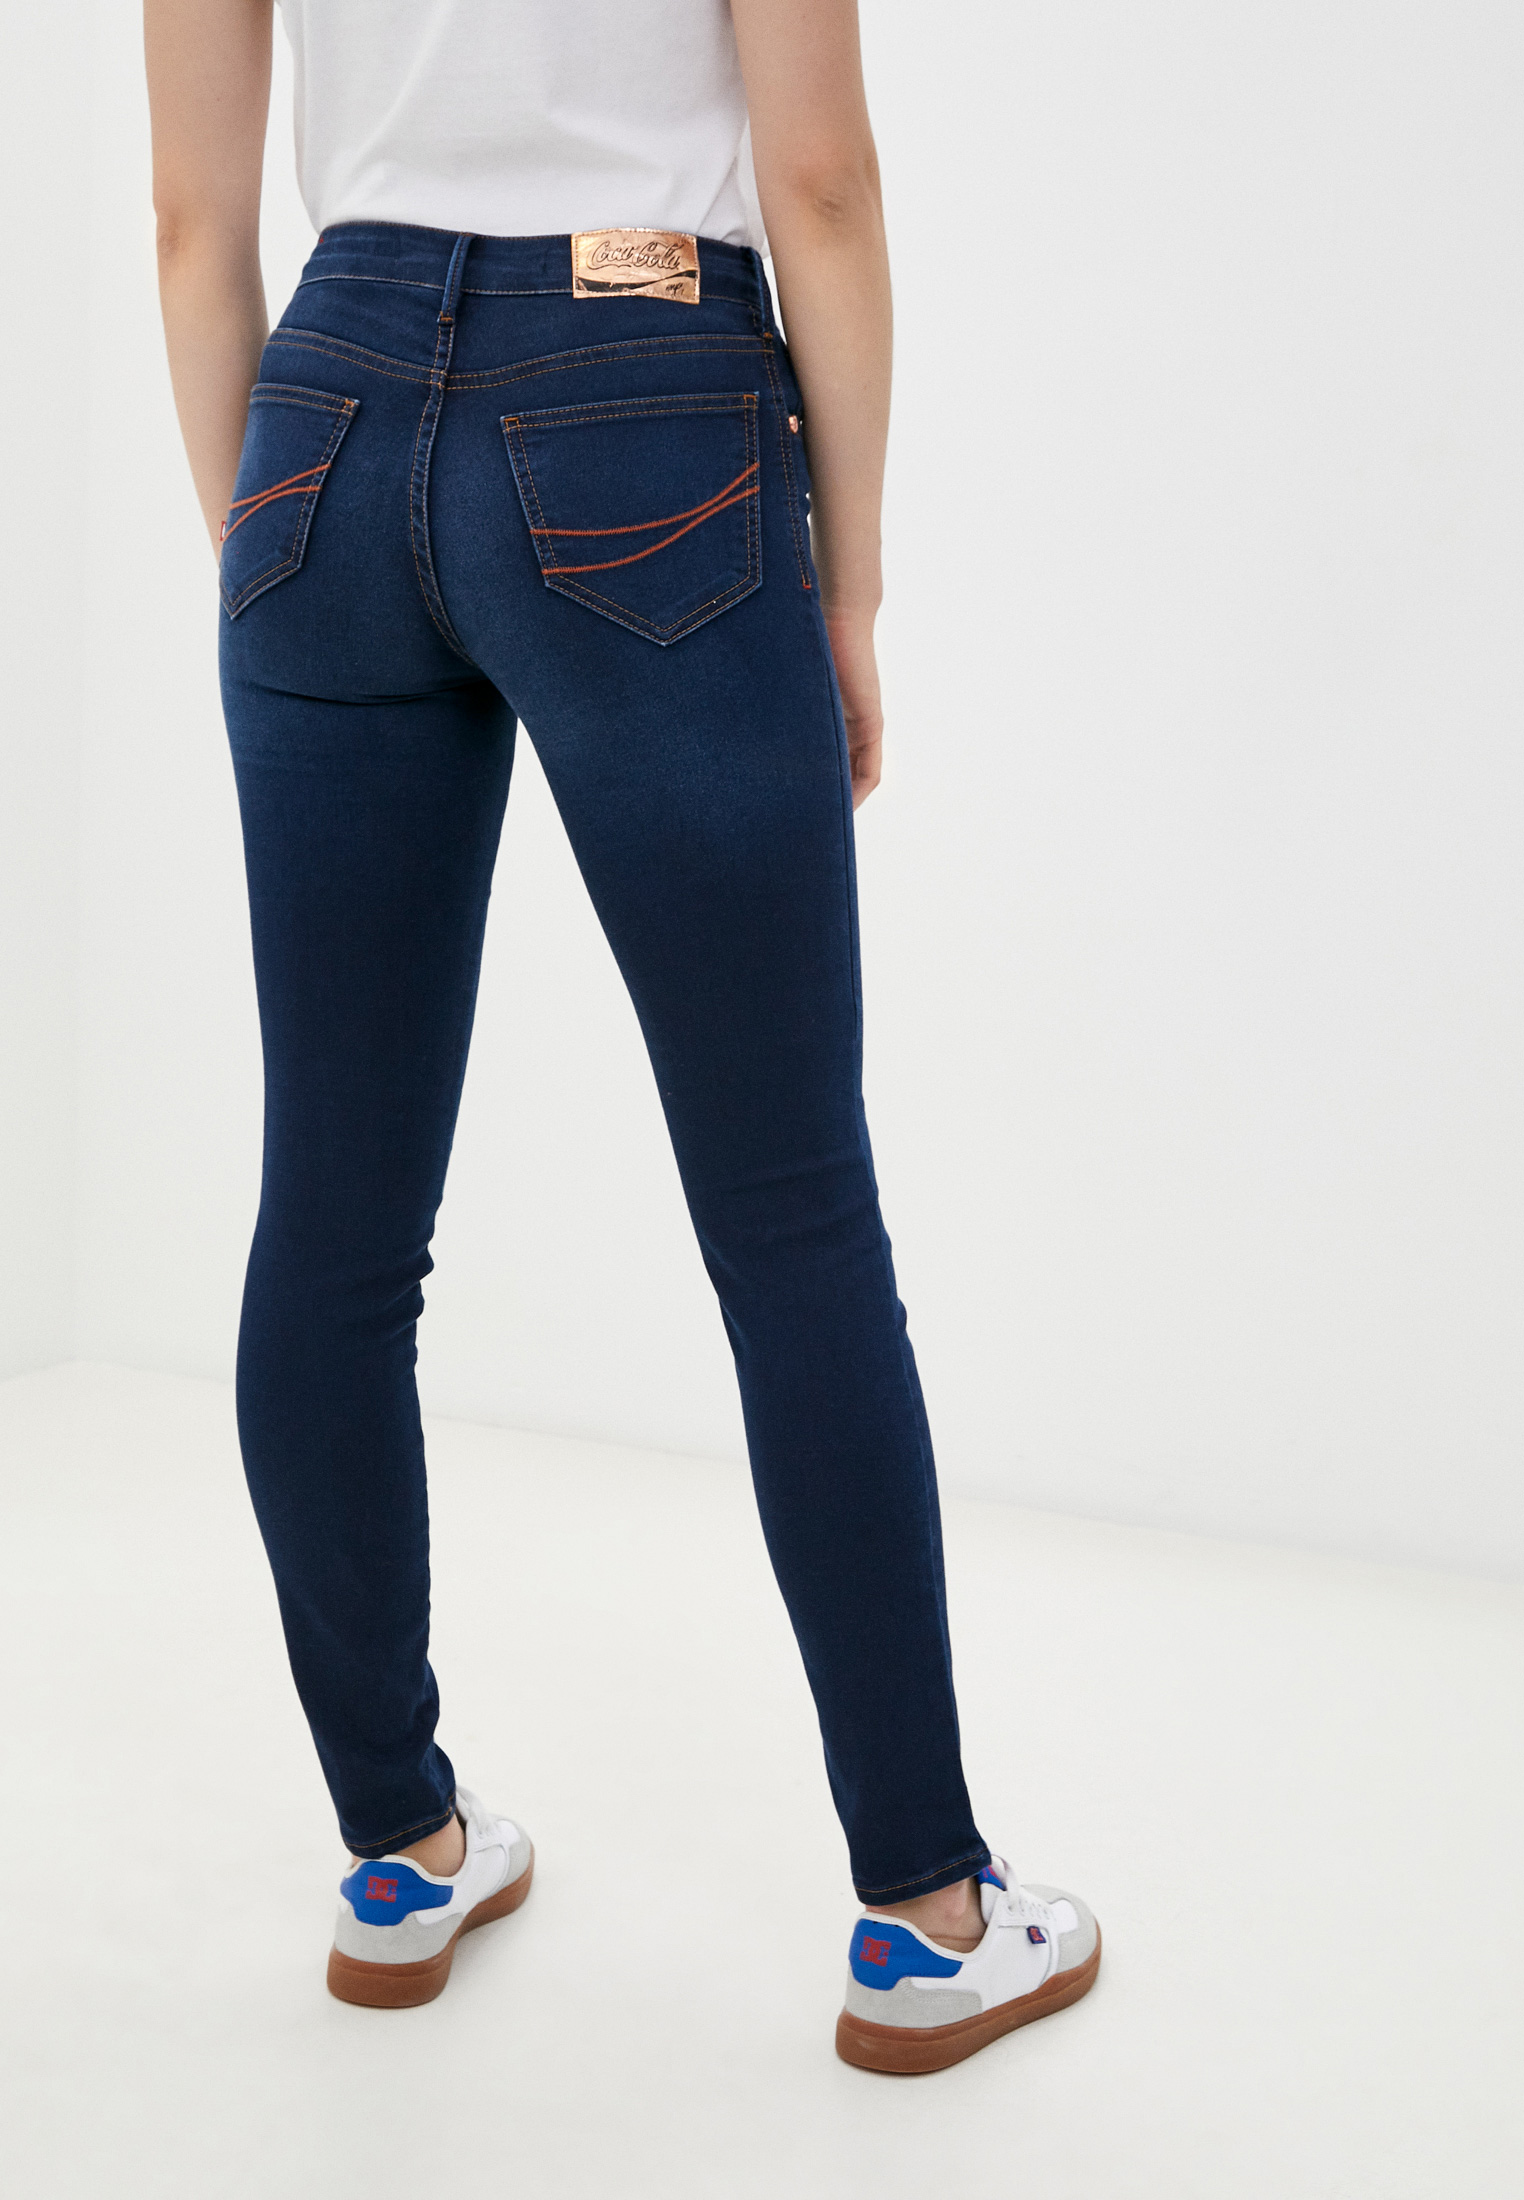 Зауженные джинсы Coca Cola Jeans 002.32.02968: изображение 3